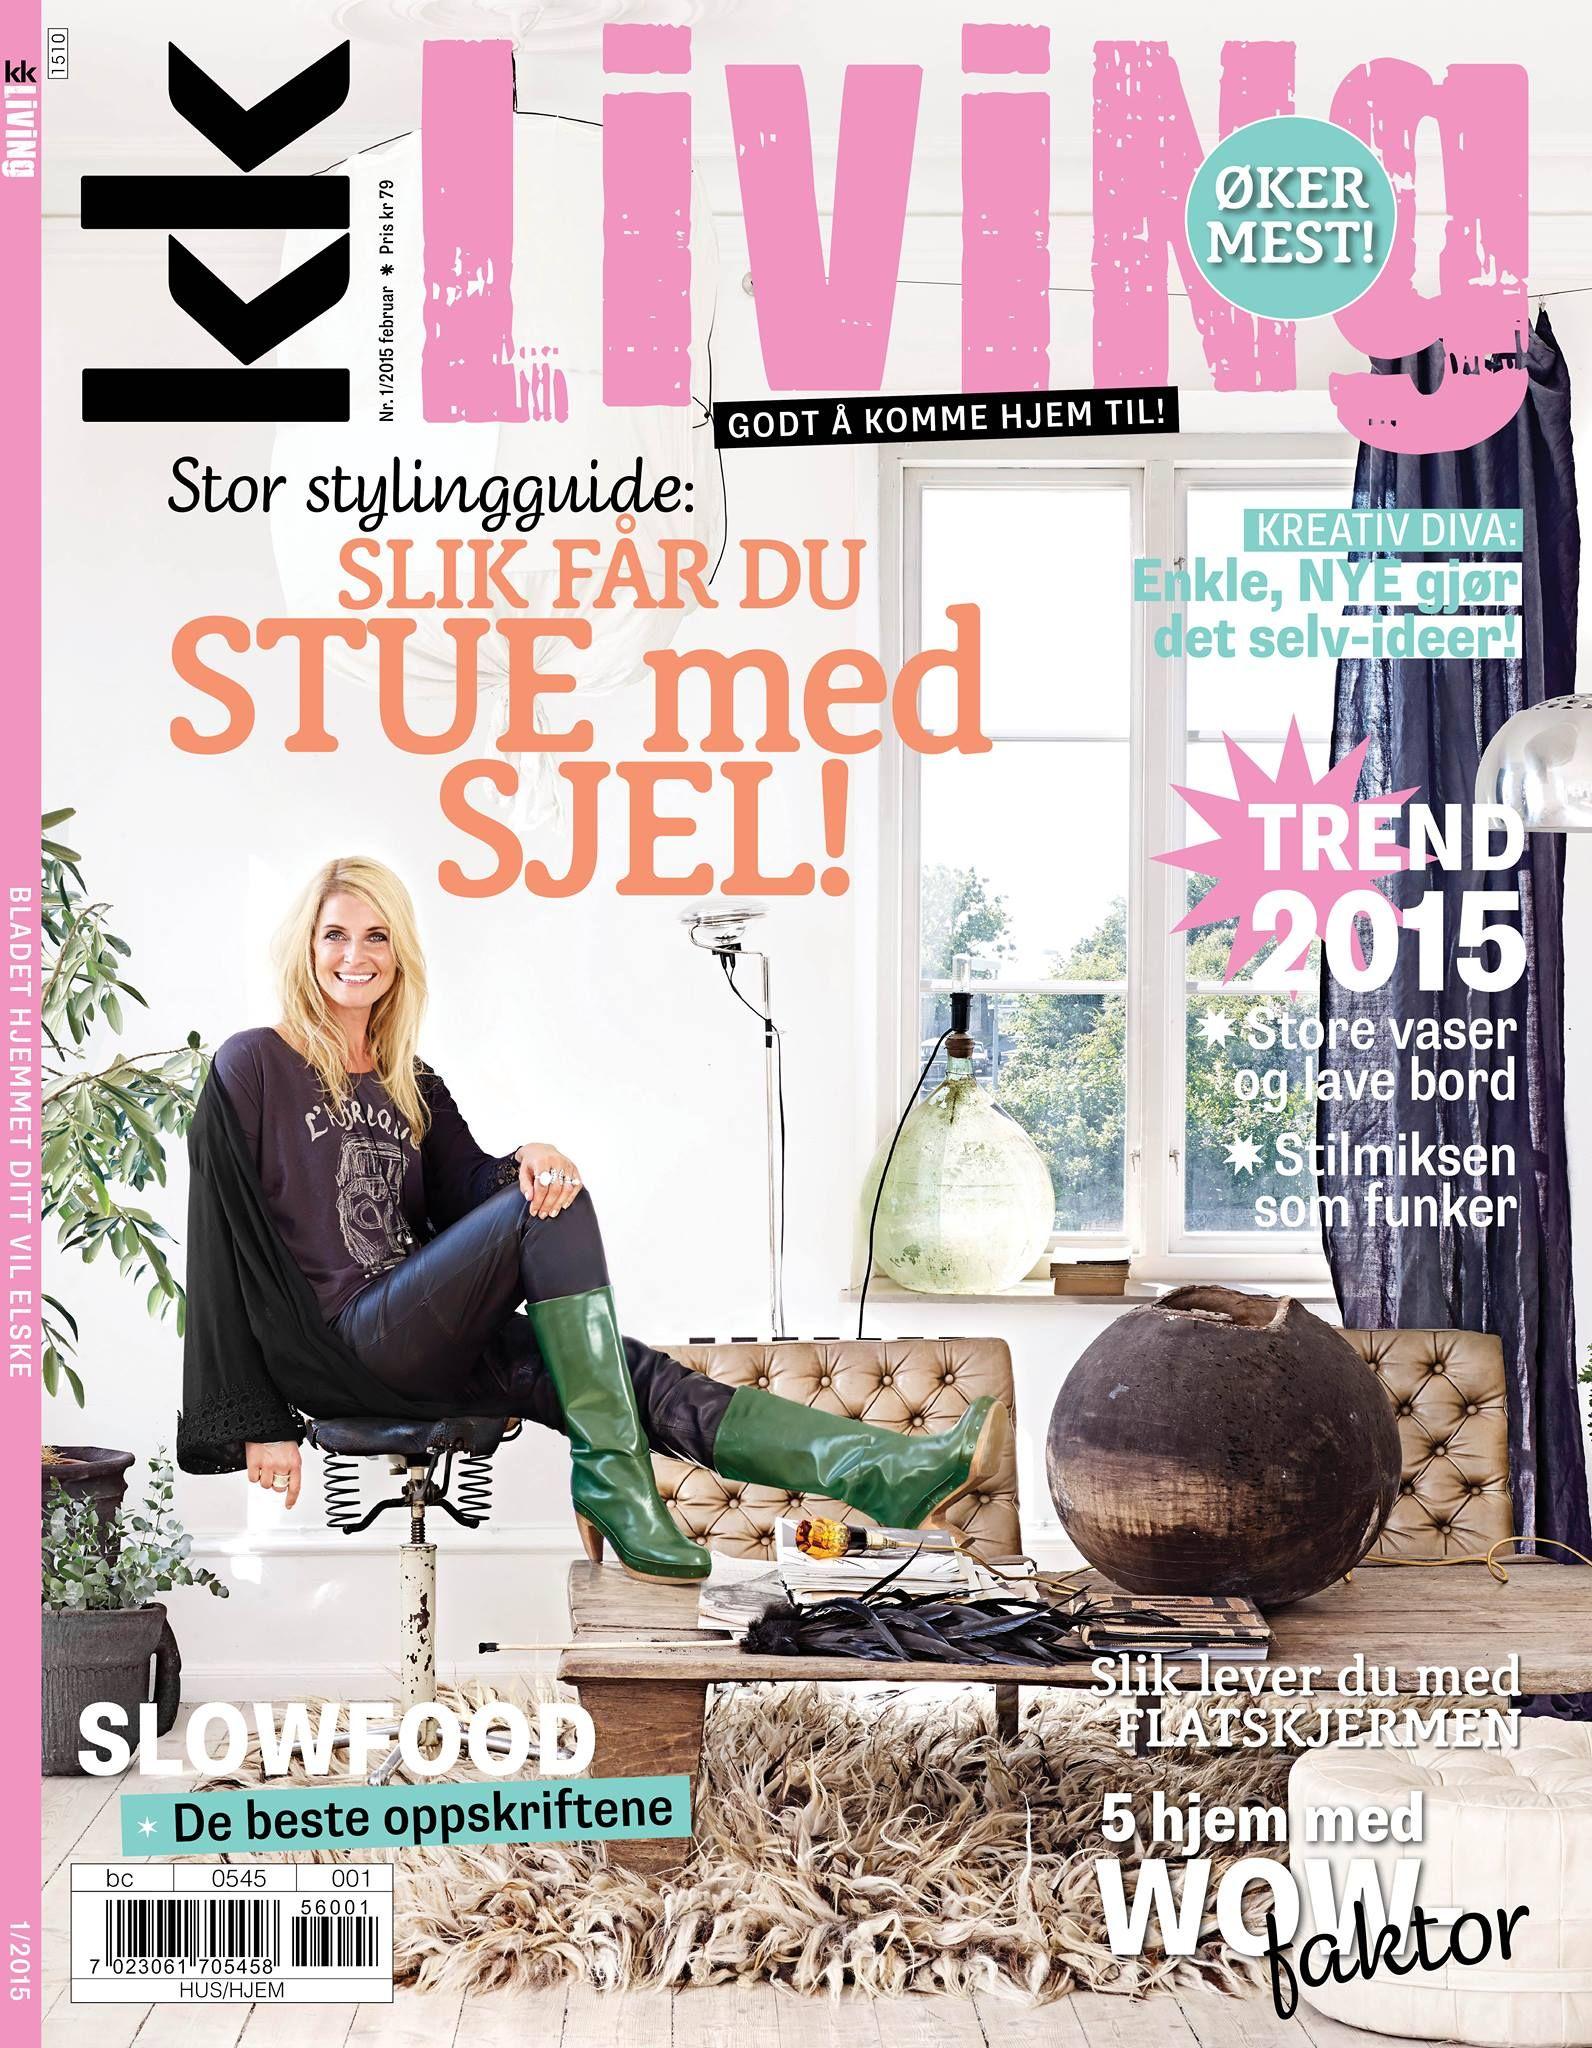 KK Living # 1 2015